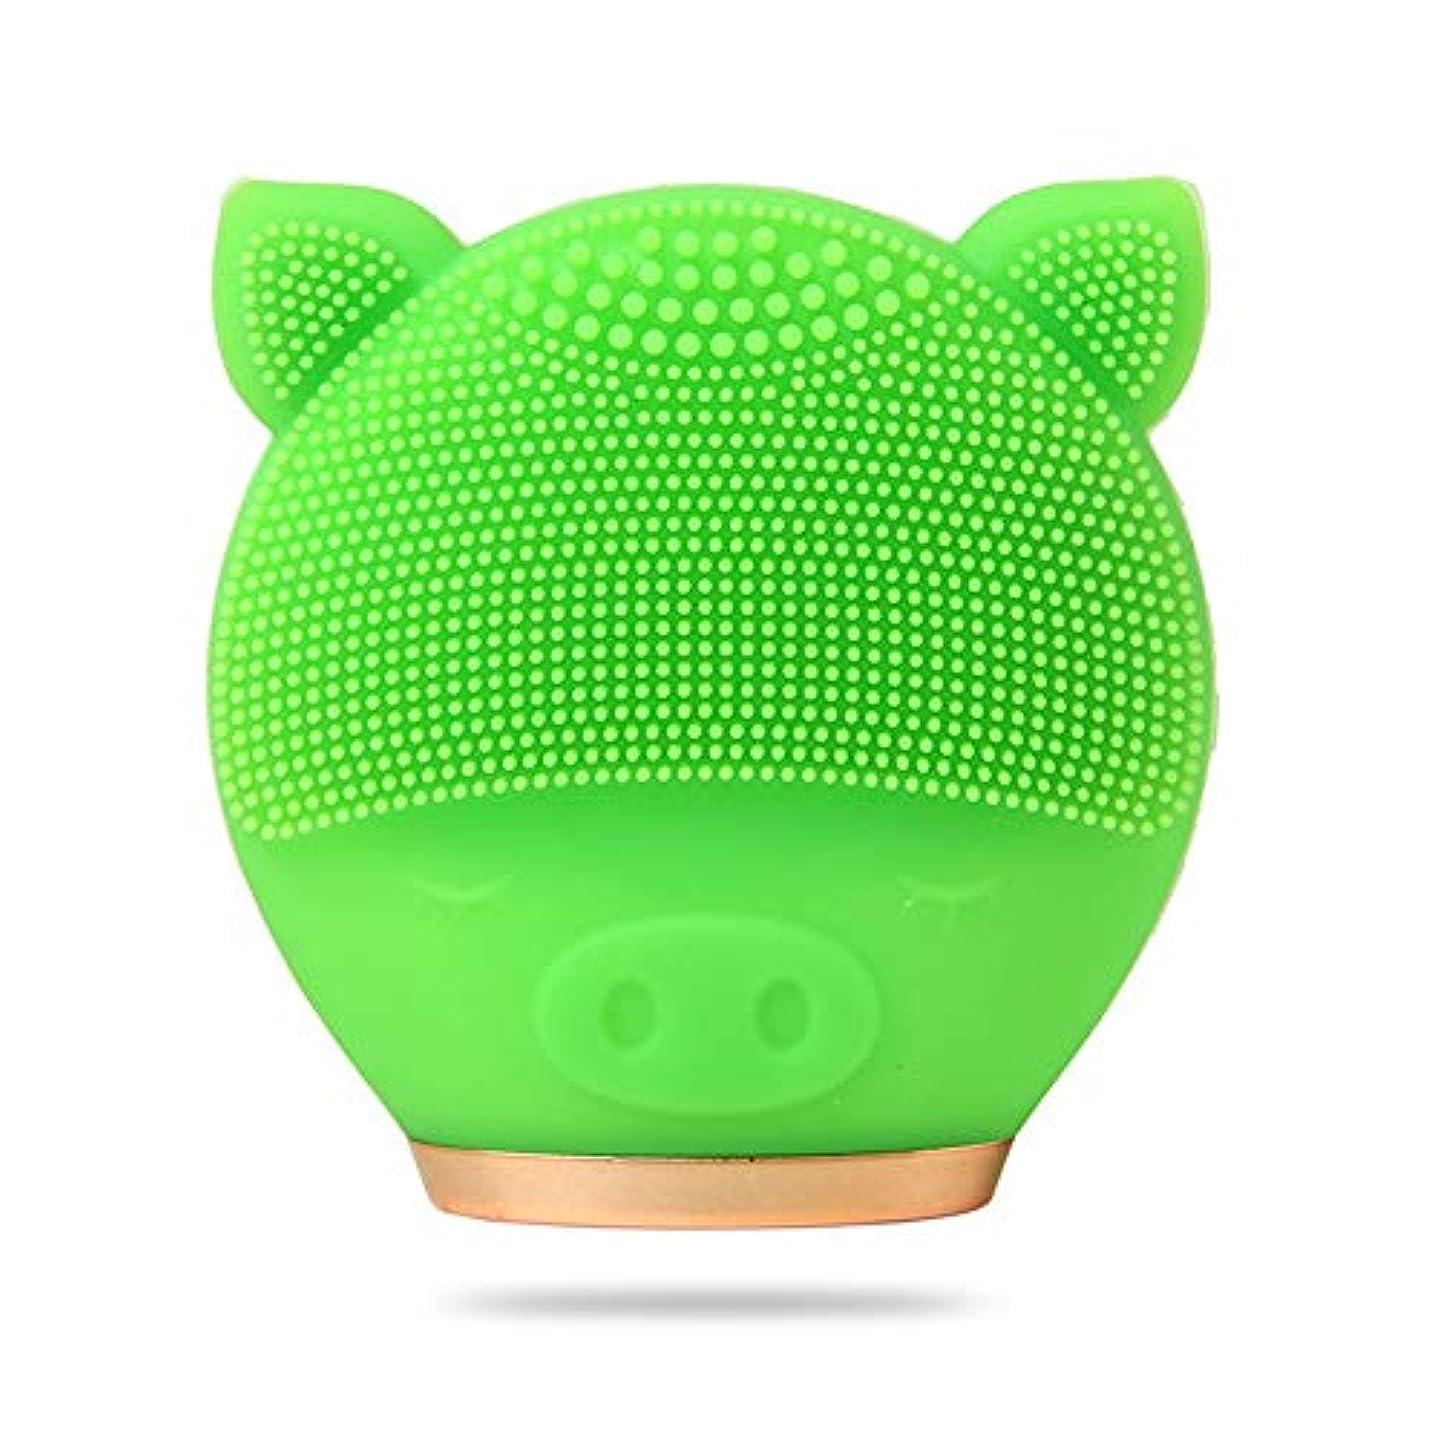 教育するビリーヤギ危険なZXF 新しい豚モデル電気クレンジング楽器シリコーン超音波振動洗浄顔顔毛穴クリーナー美容器具 滑らかである (色 : Green)